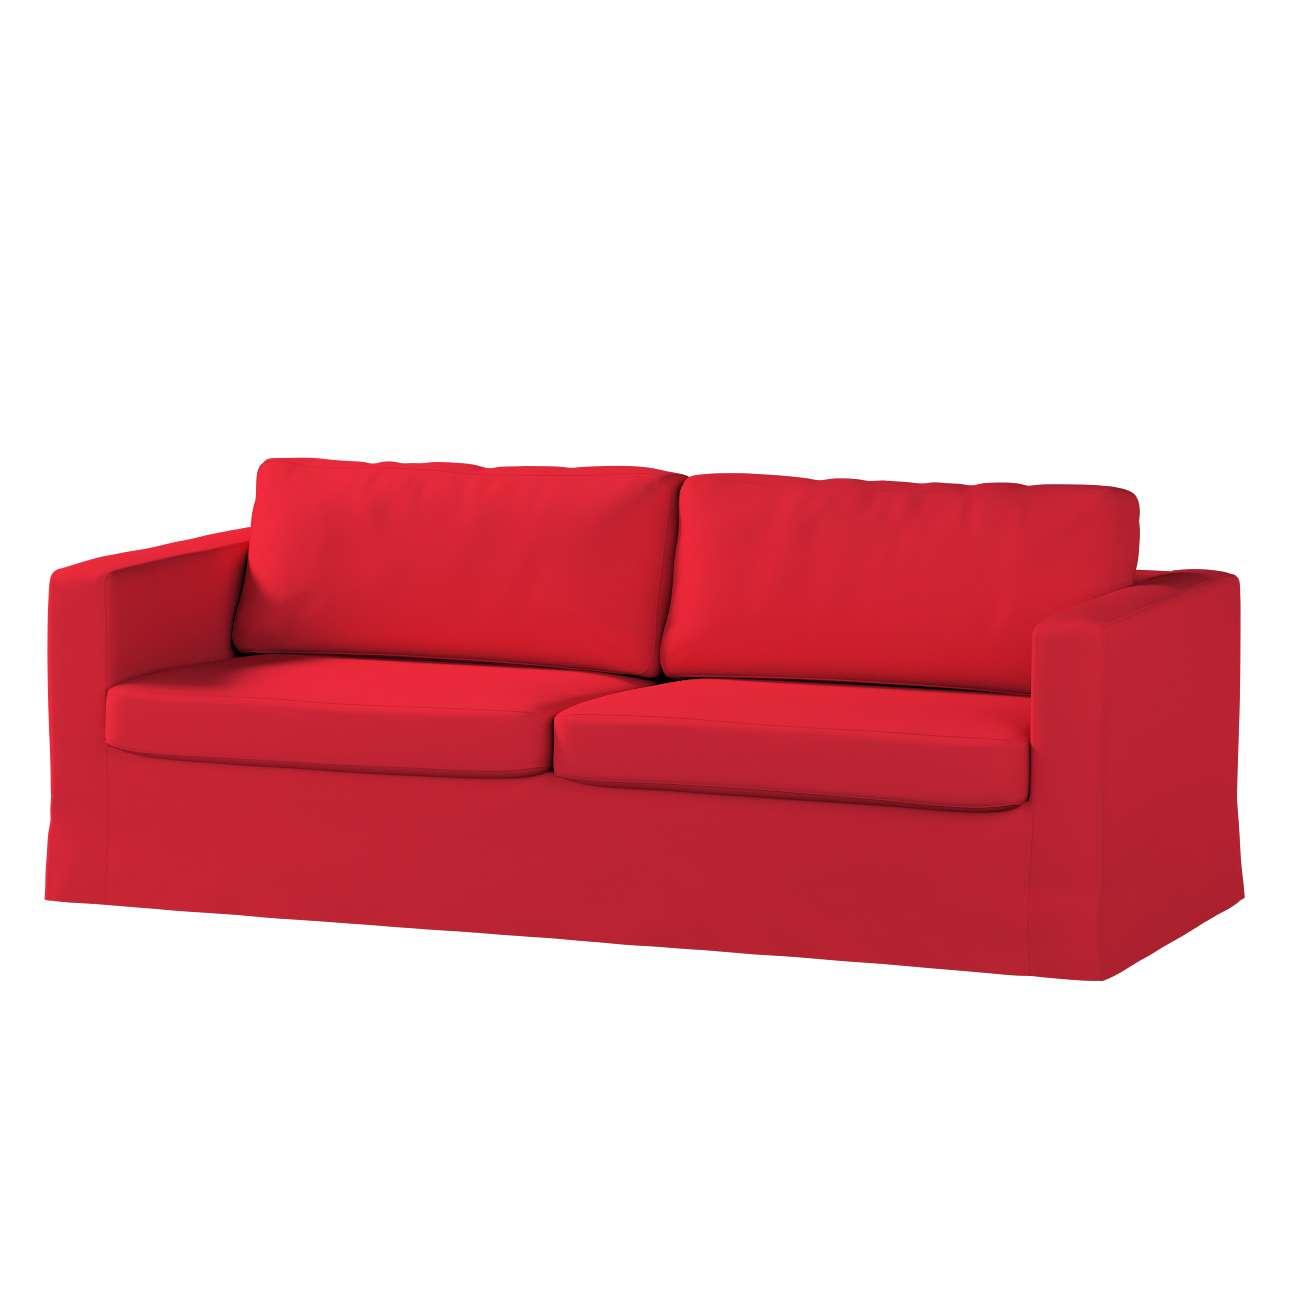 Potah na pohovku IKEA  Karlstad 3-místná, nerozkládací, dlouhý pohovka Karlstad 3-místná v kolekci Cotton Panama, látka: 702-04